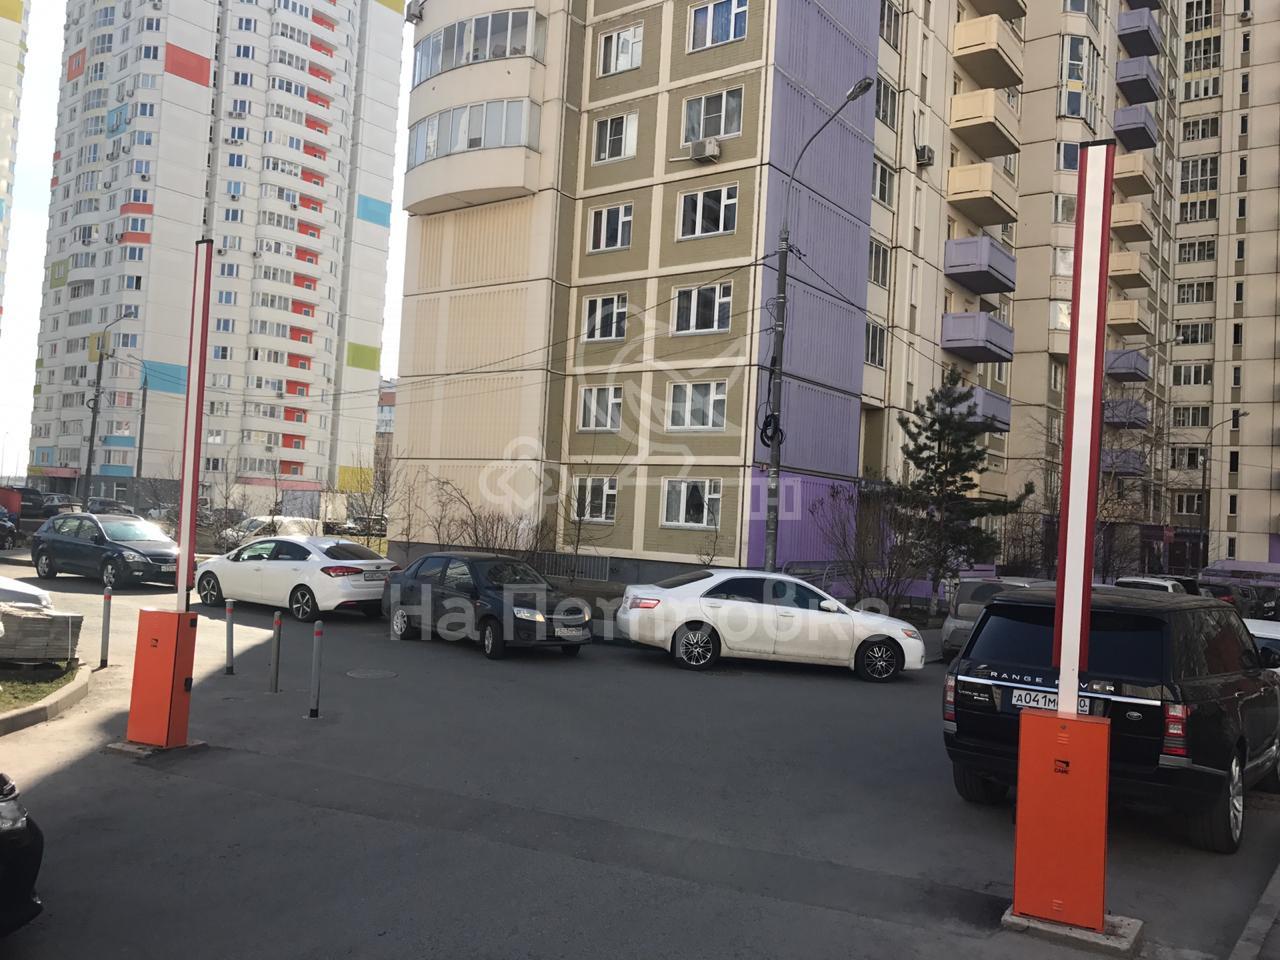 Продам гараж по адресу Россия, Москва и Московская область, городской округ Химки, Химки, Молодёжная улица, 60 фото 5 по выгодной цене